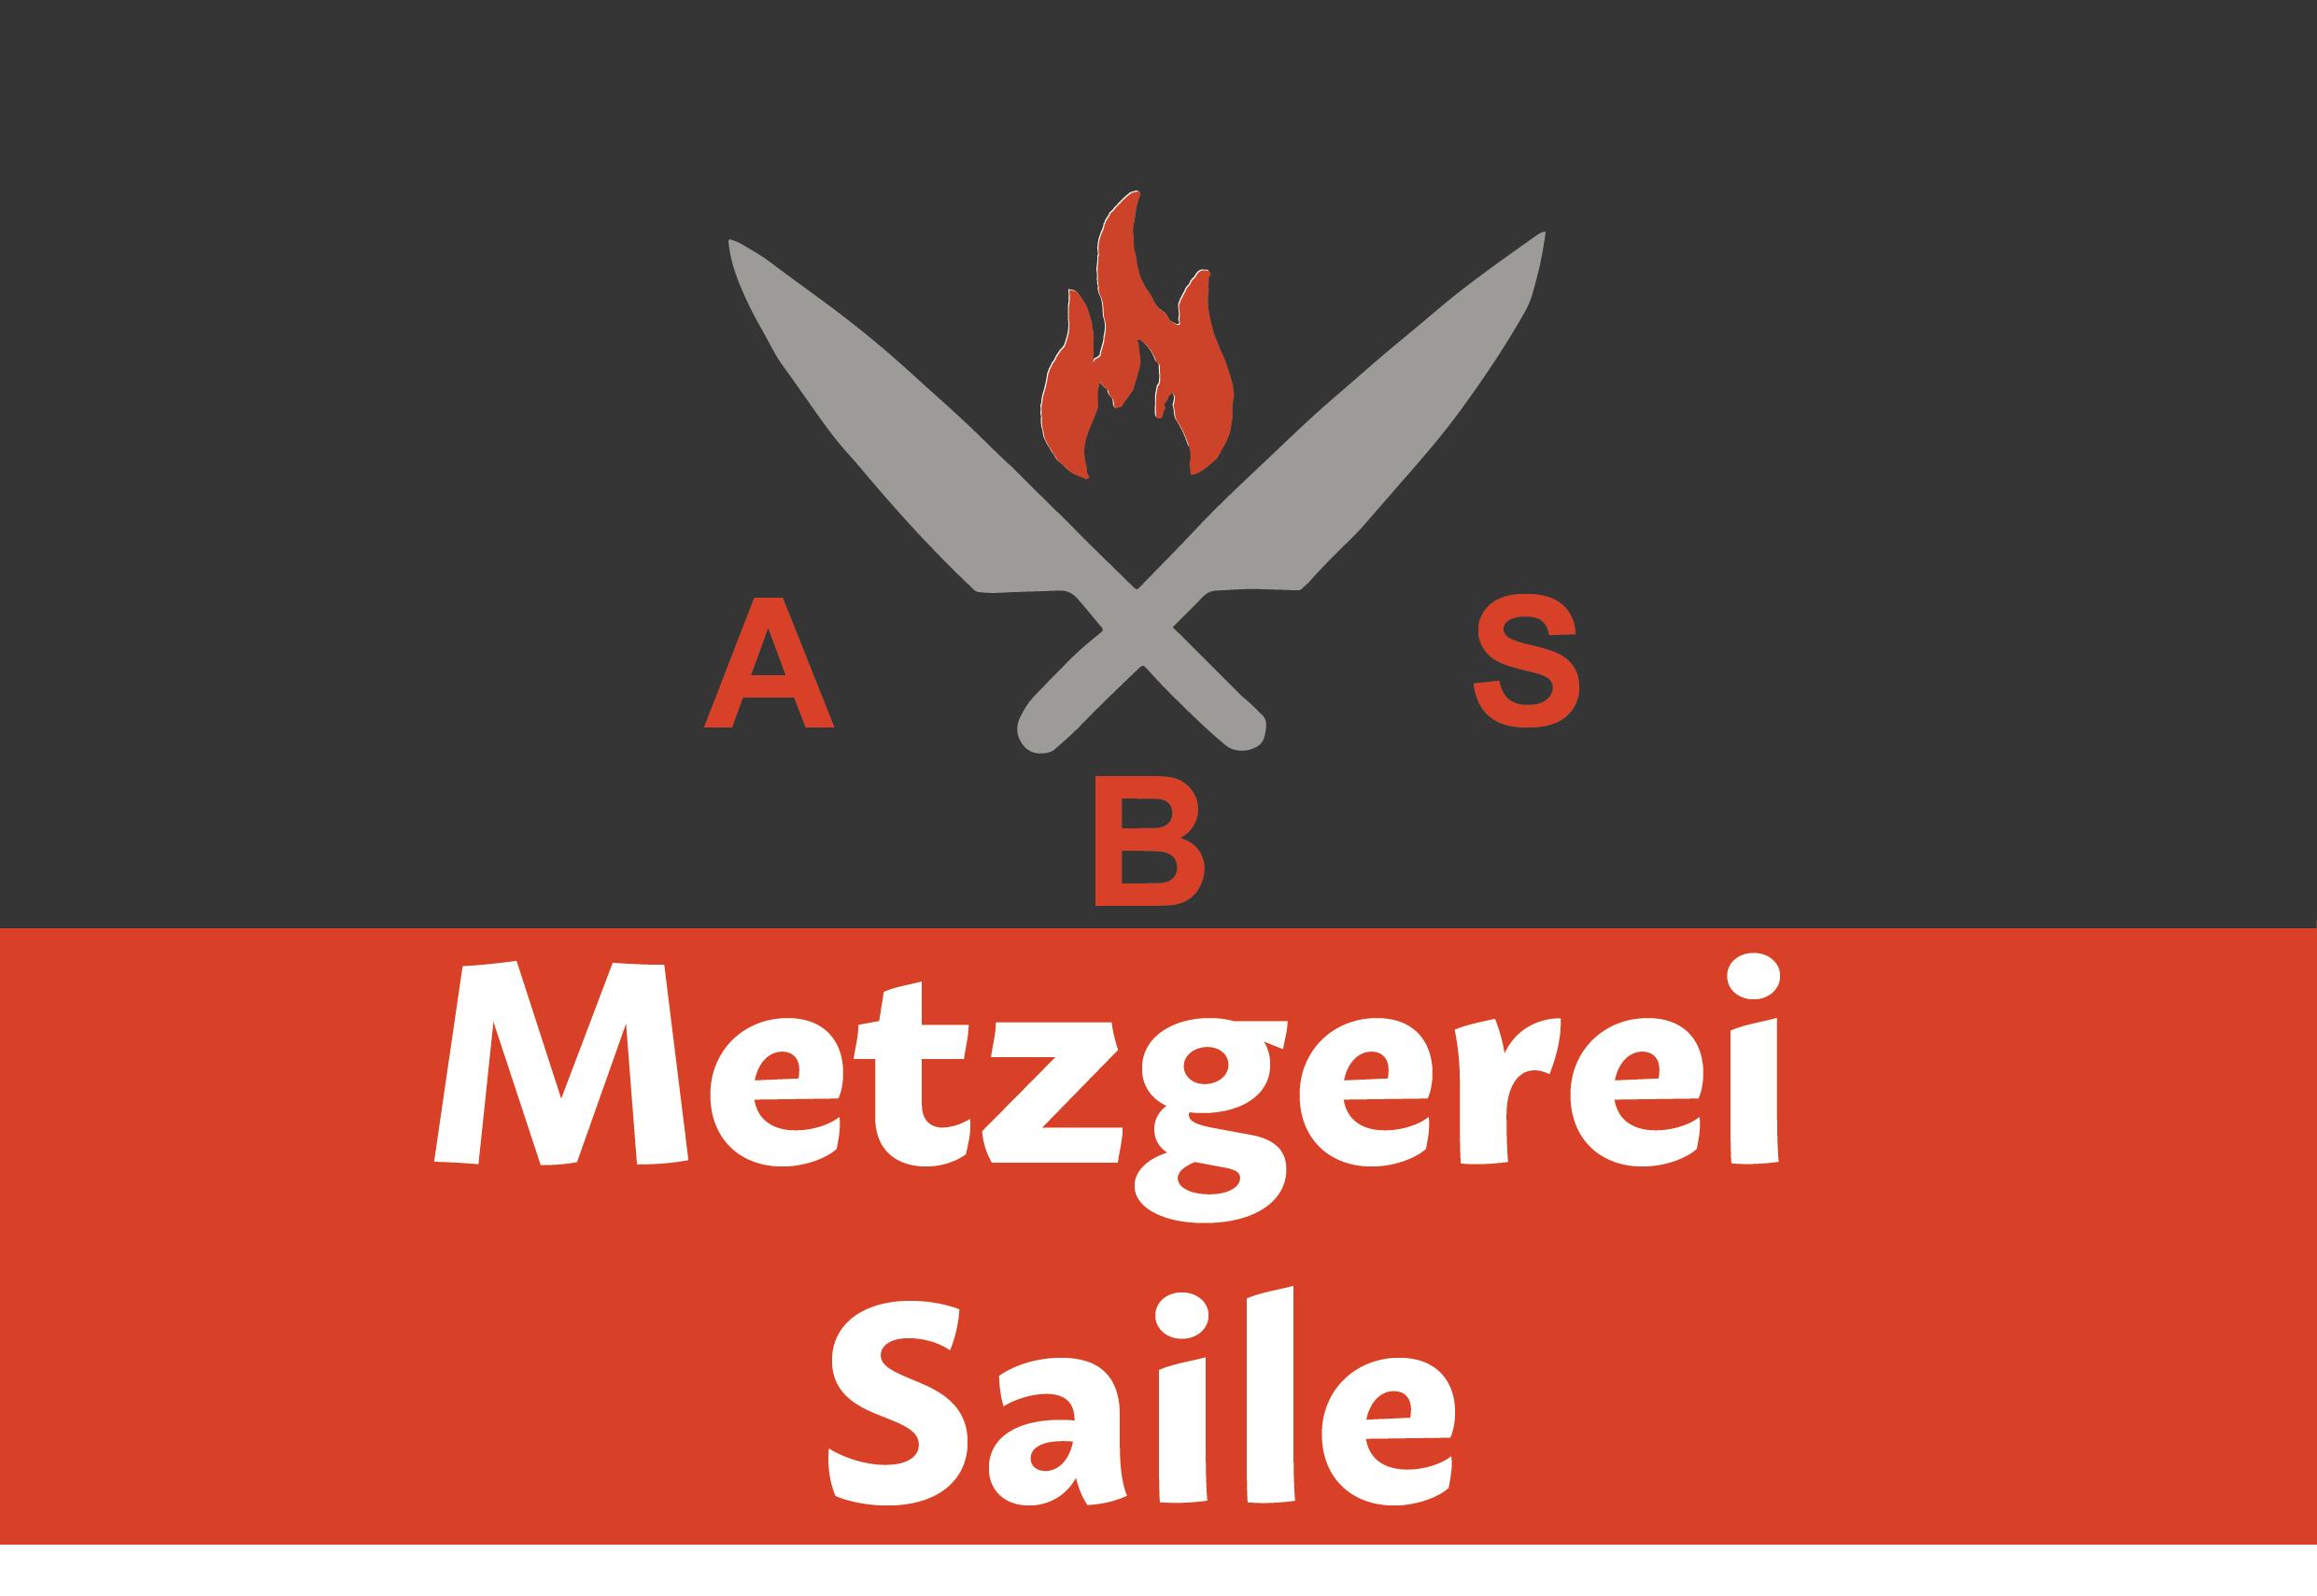 Metzgerei Saile